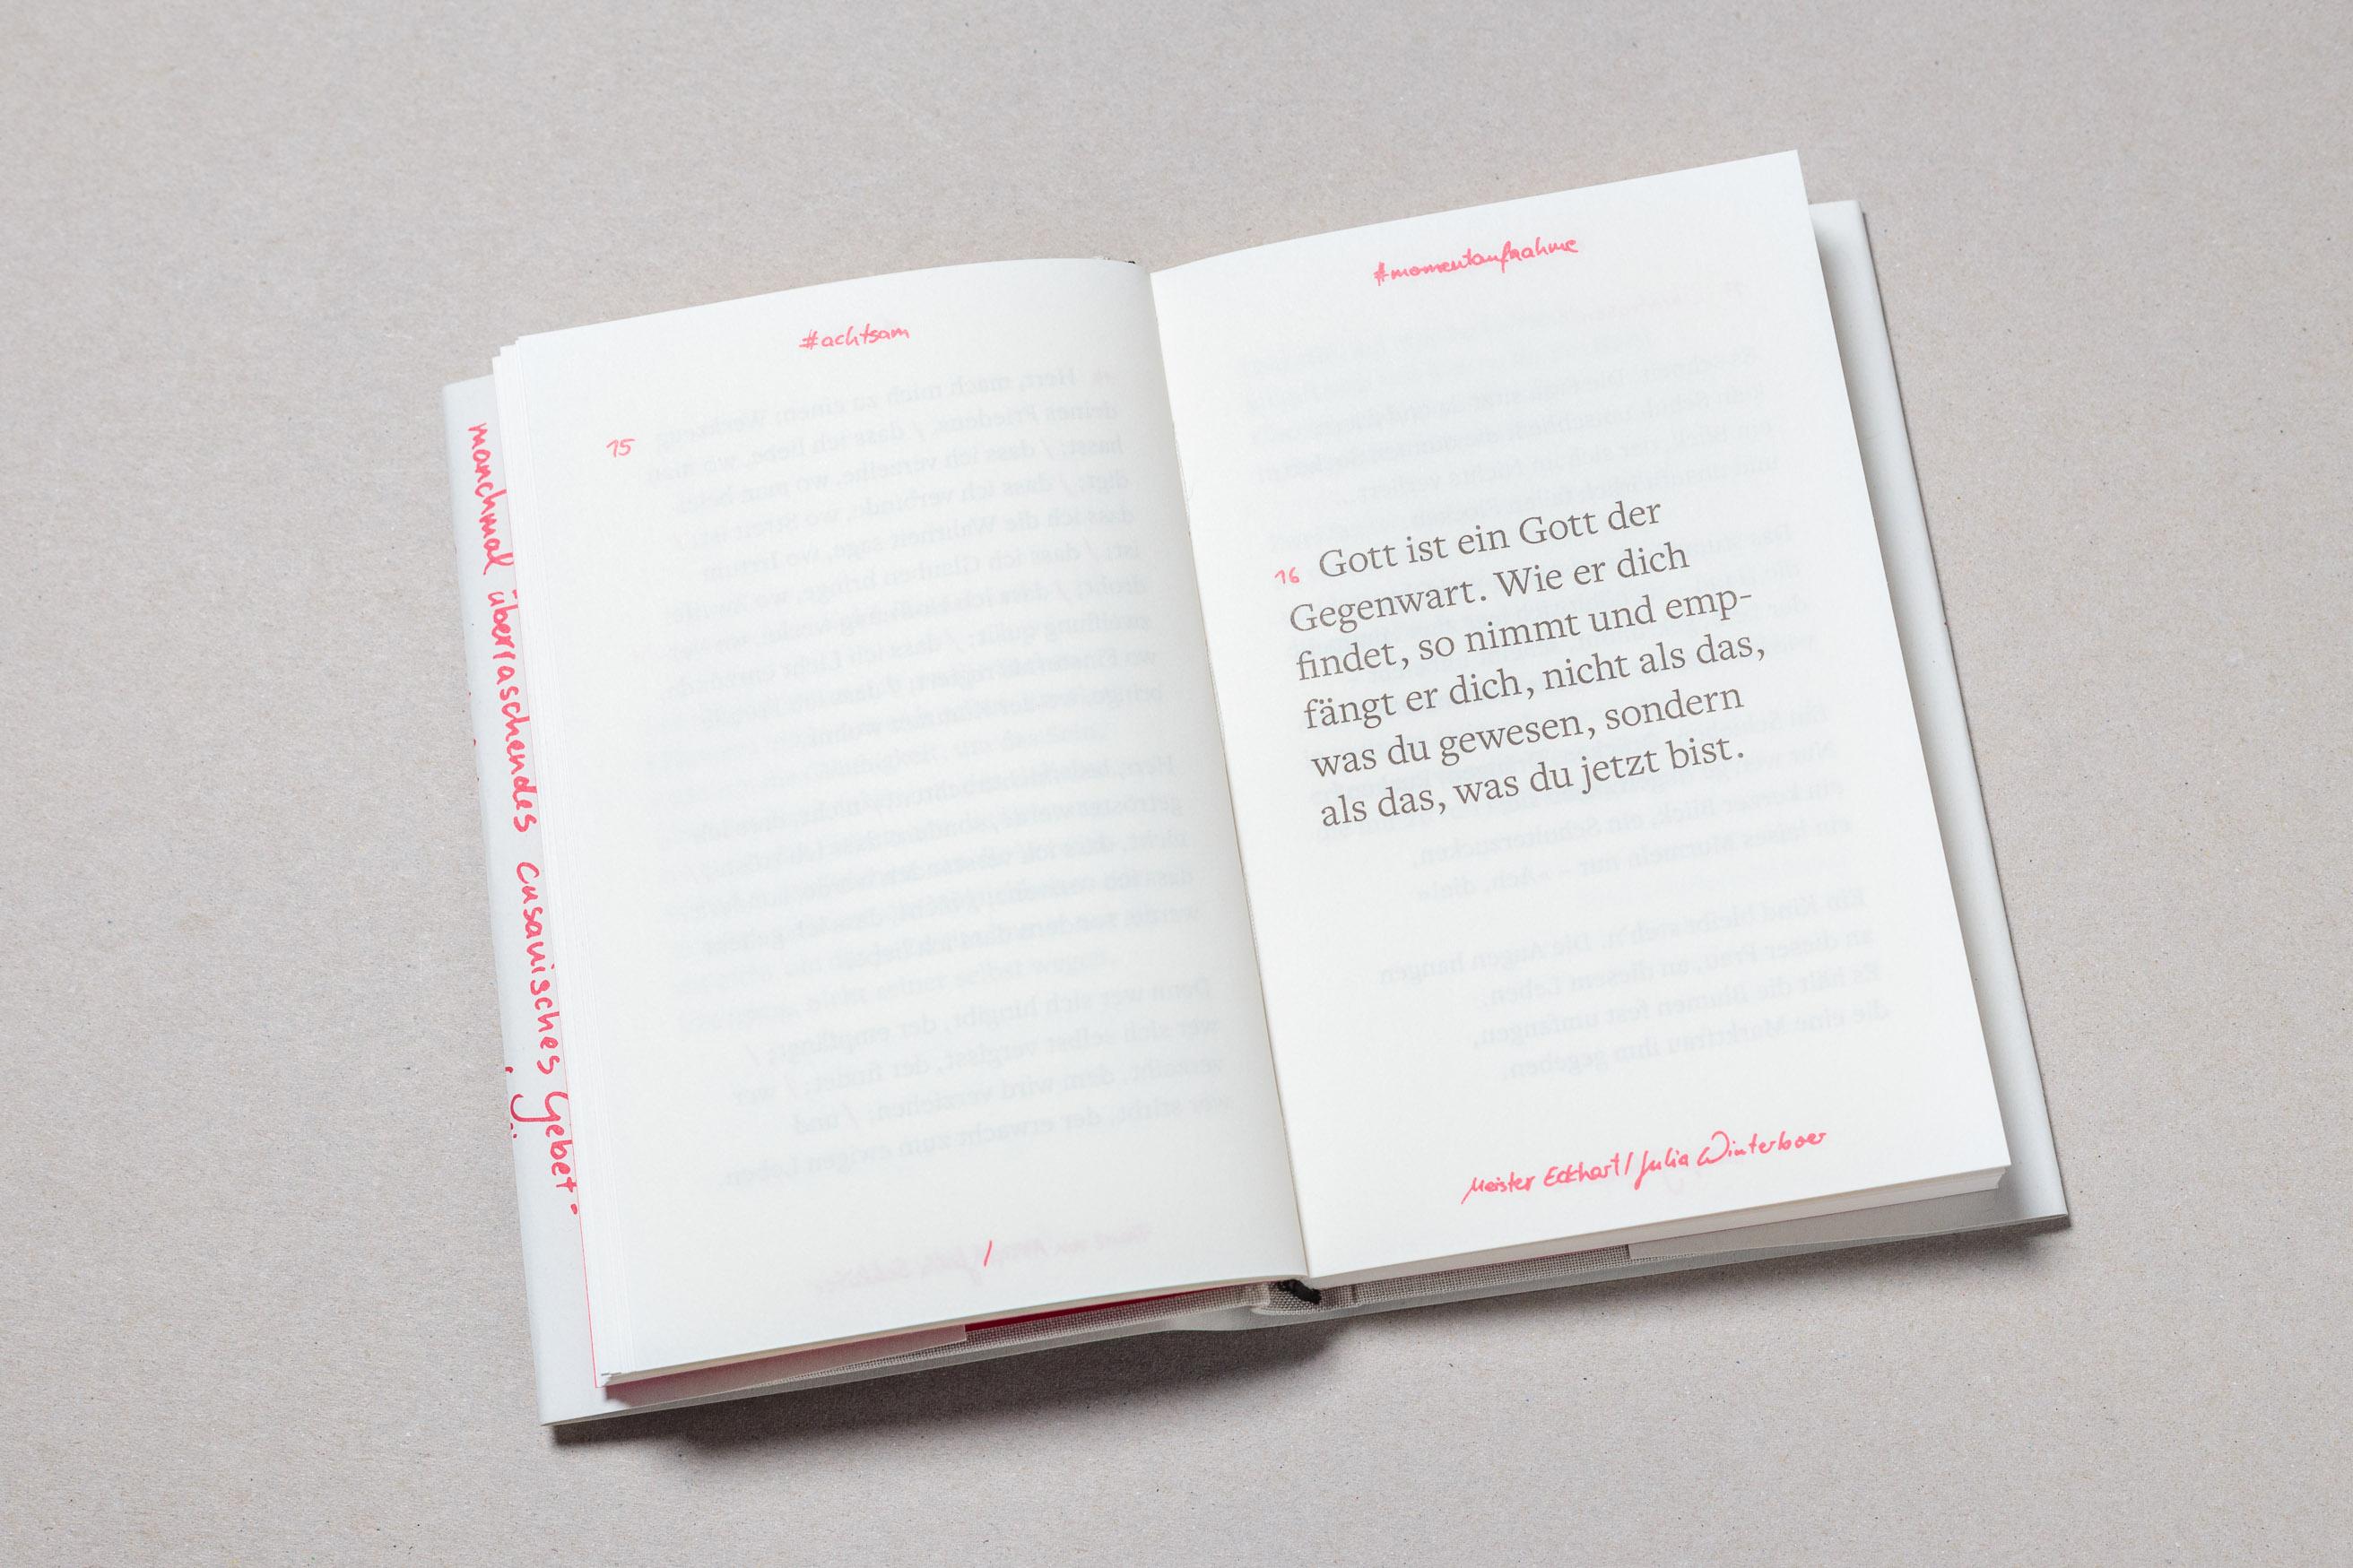 Gebetbuch Cusanuswerk, Doppelseite